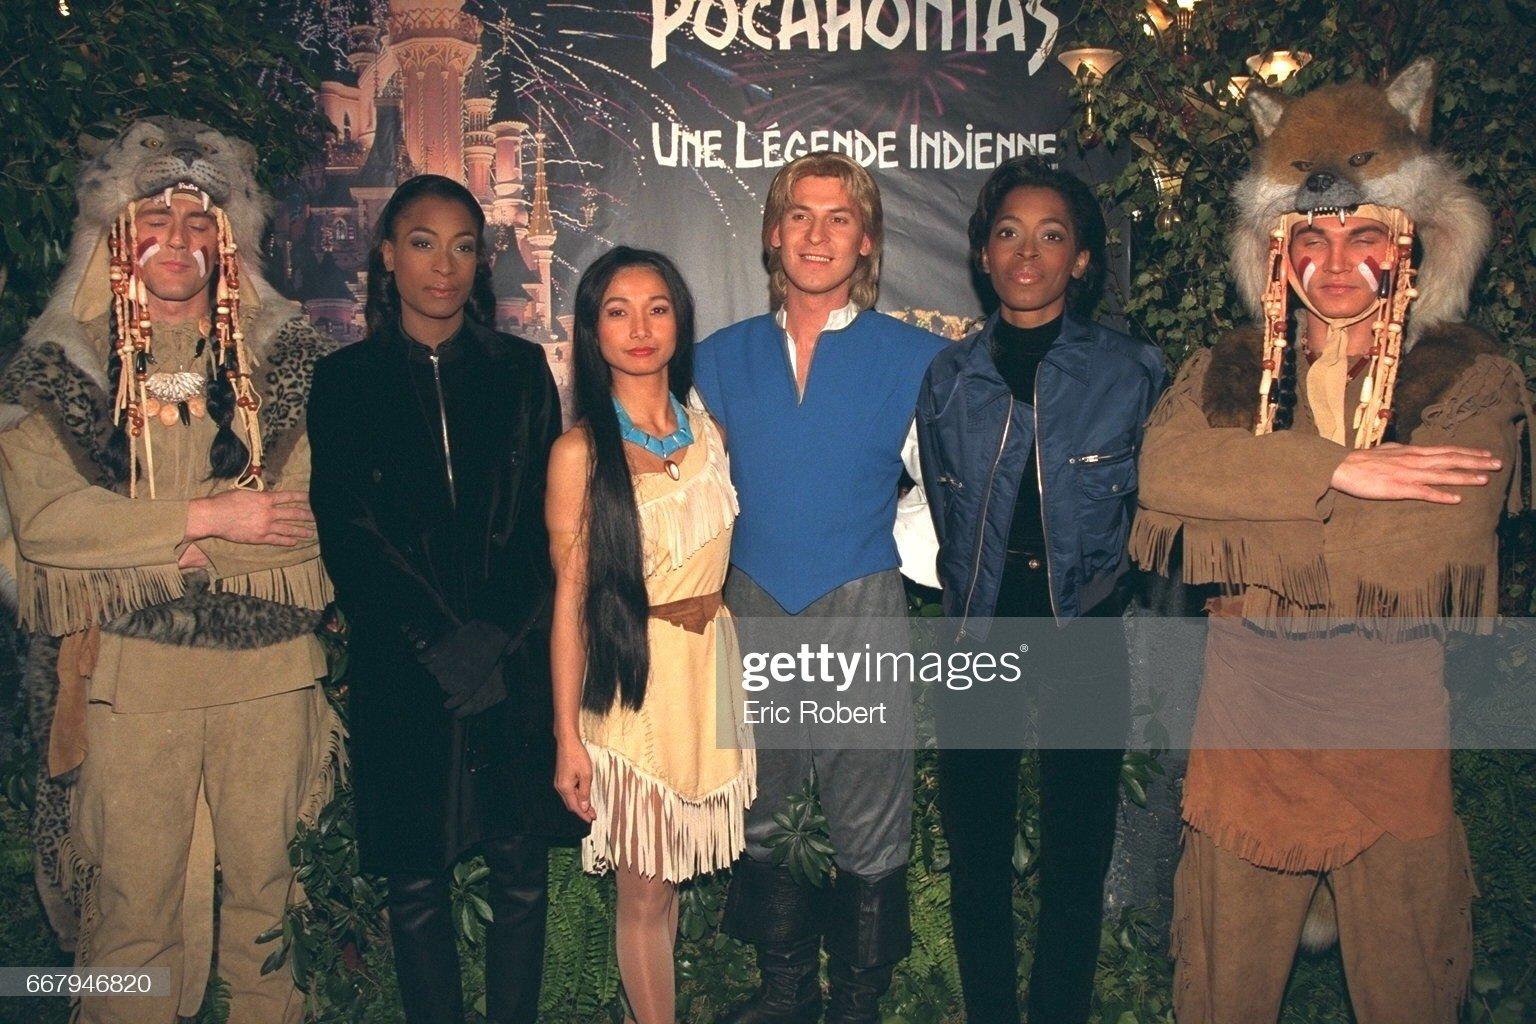 Pocahontas, une Légende Indienne [Walt Disney - 1995] - Page 13 -picture-id667946820?s=2048x2048